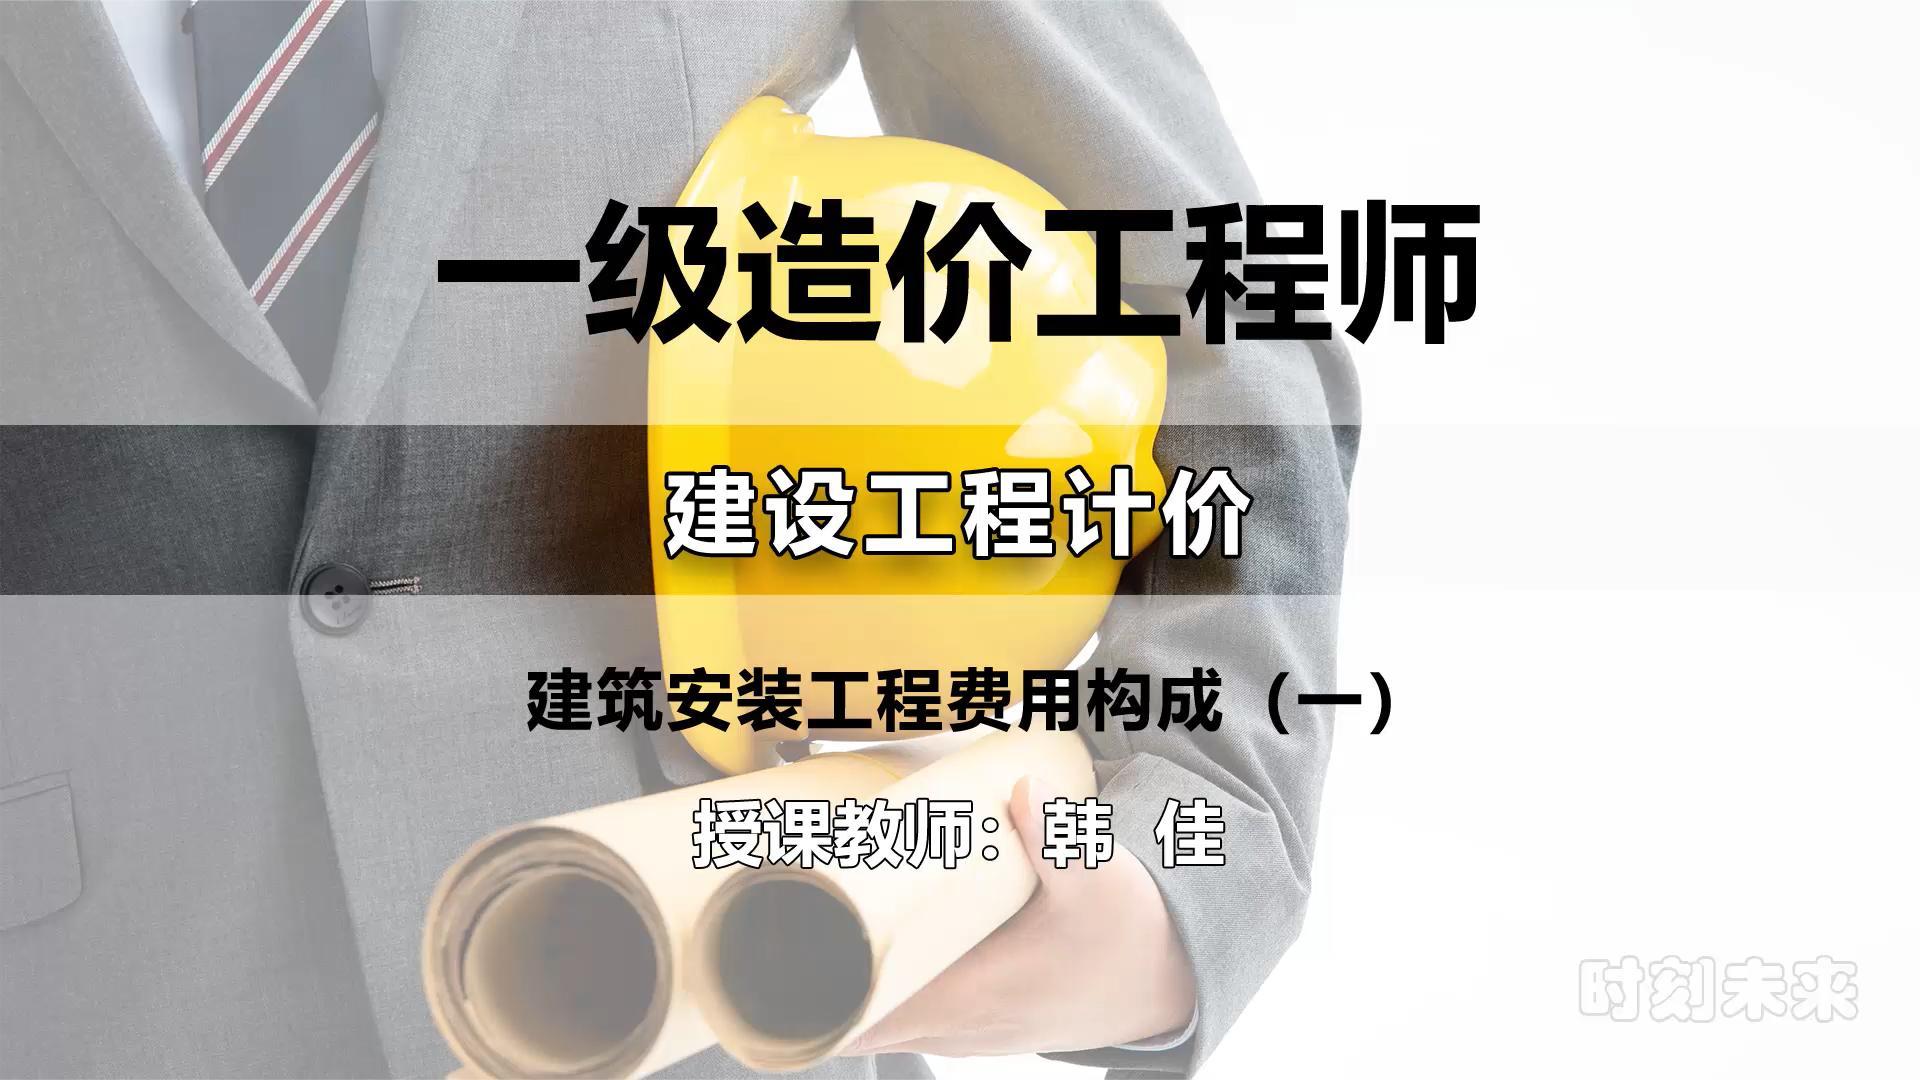 韩佳-一级造价工程师-建设工程计价-教材精讲班-第三期